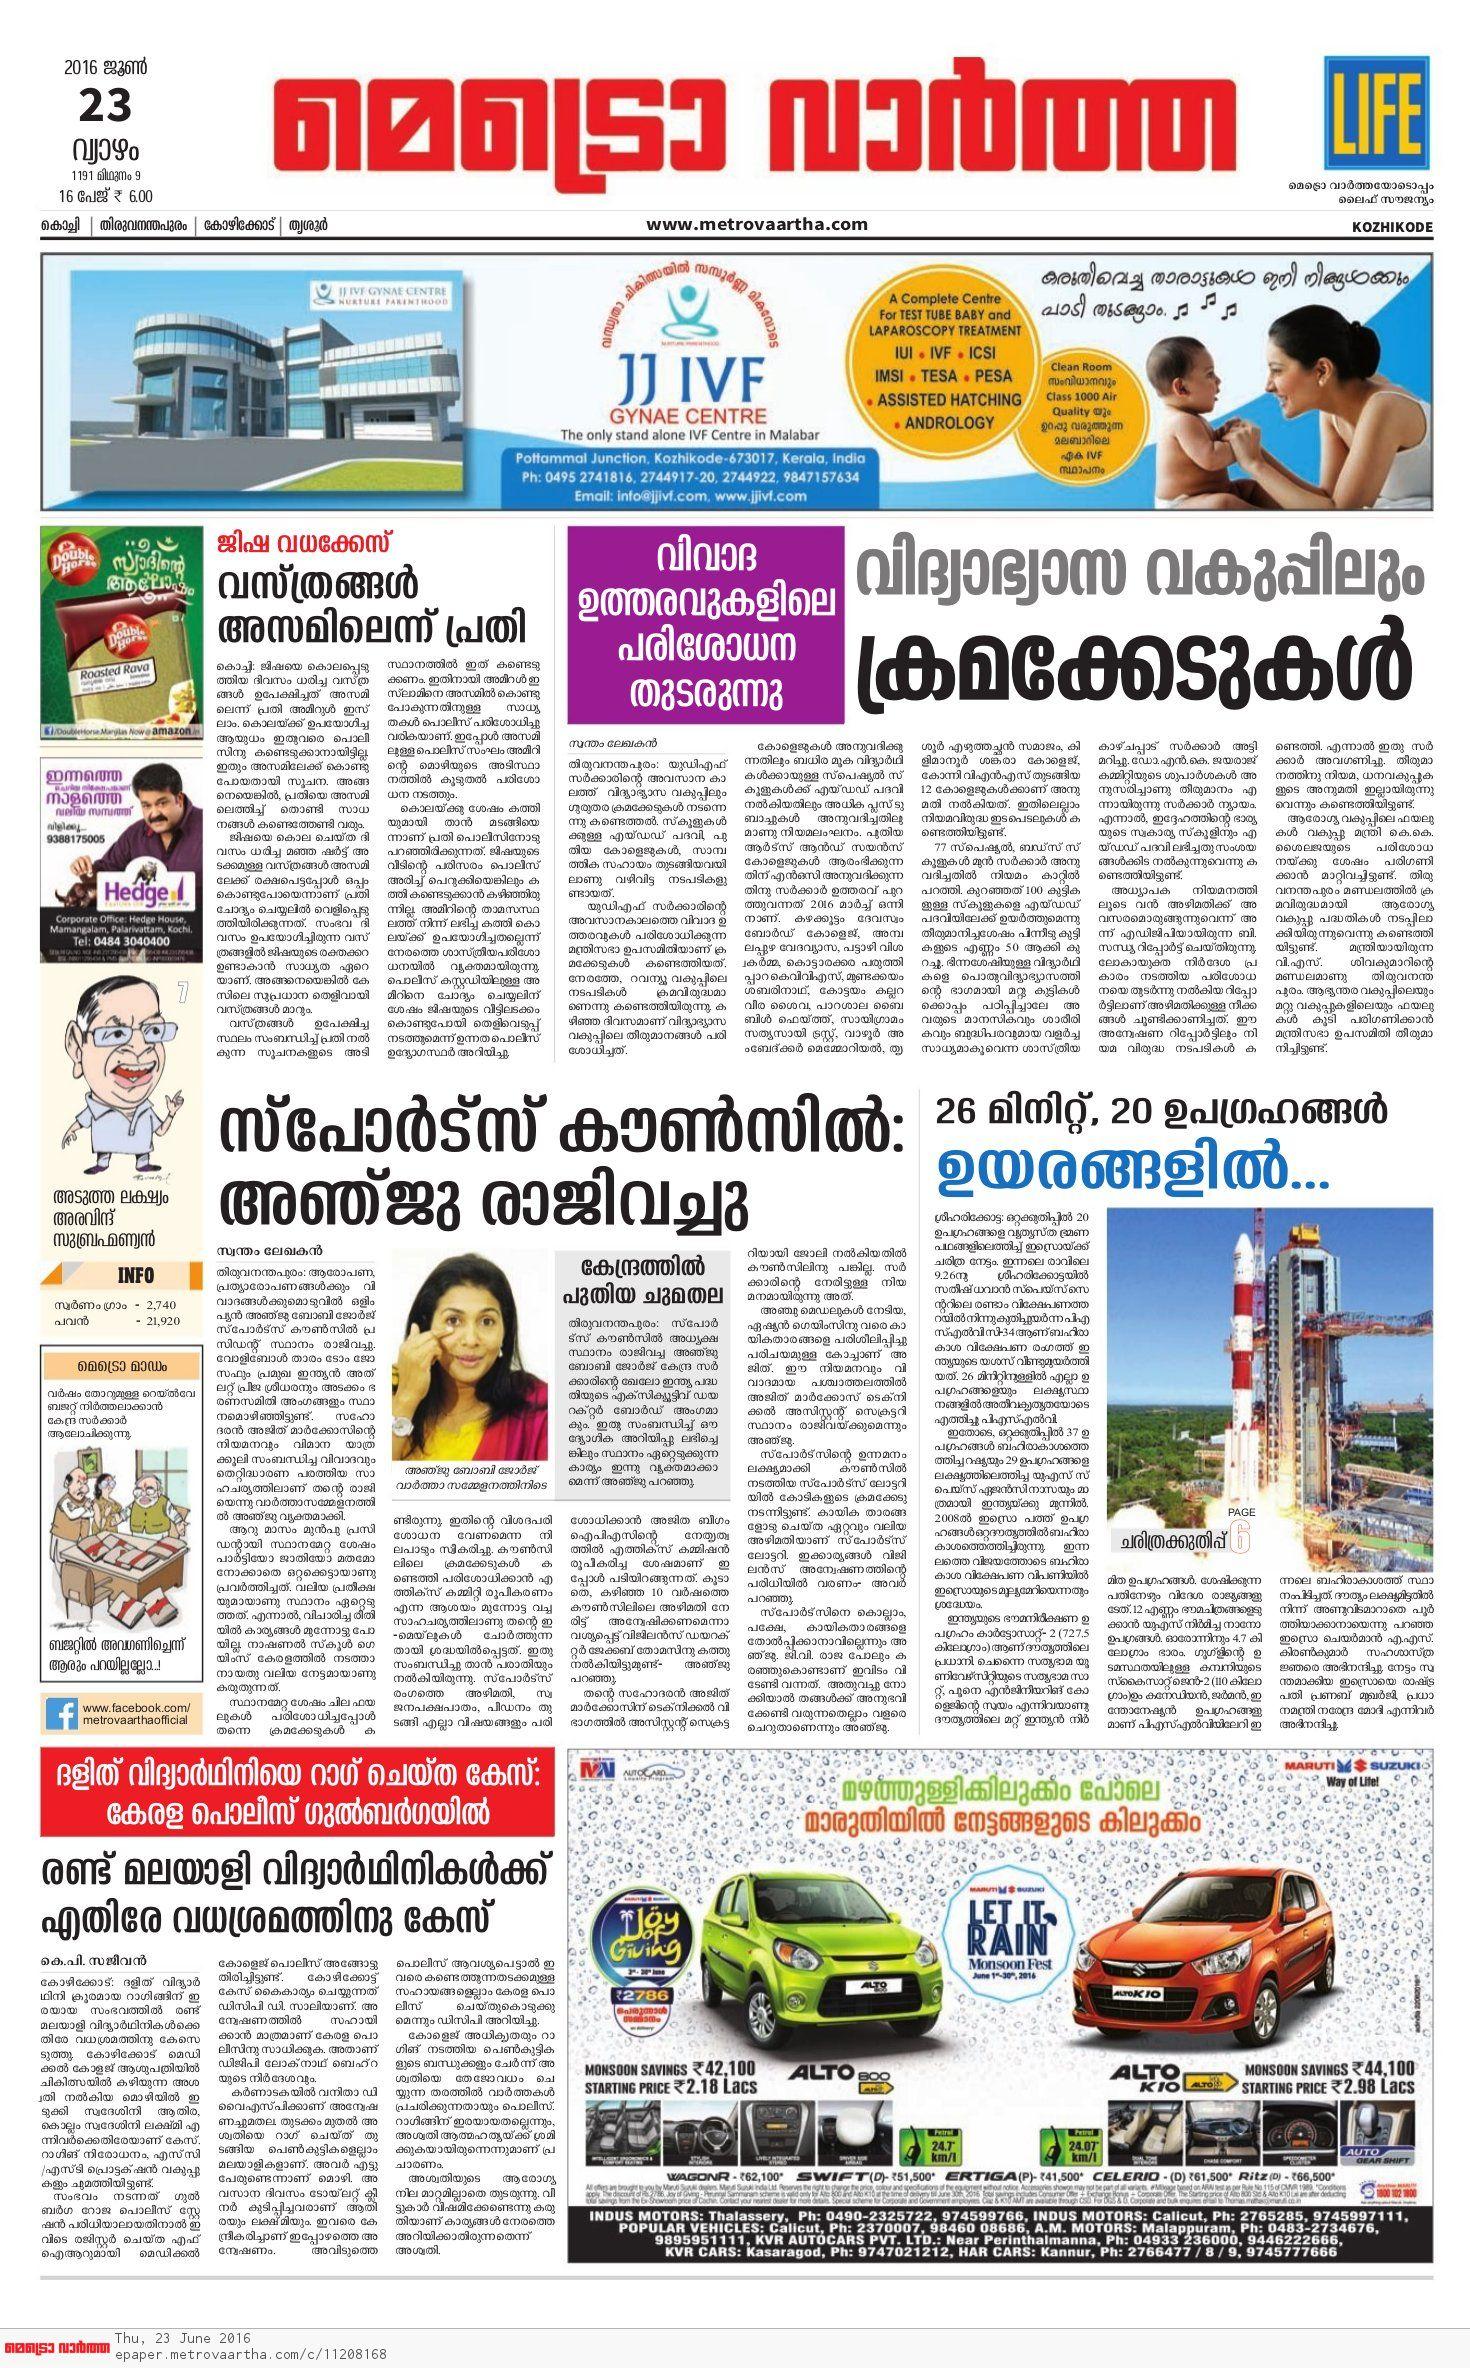 Metro Vaartha Newspaper Advertising